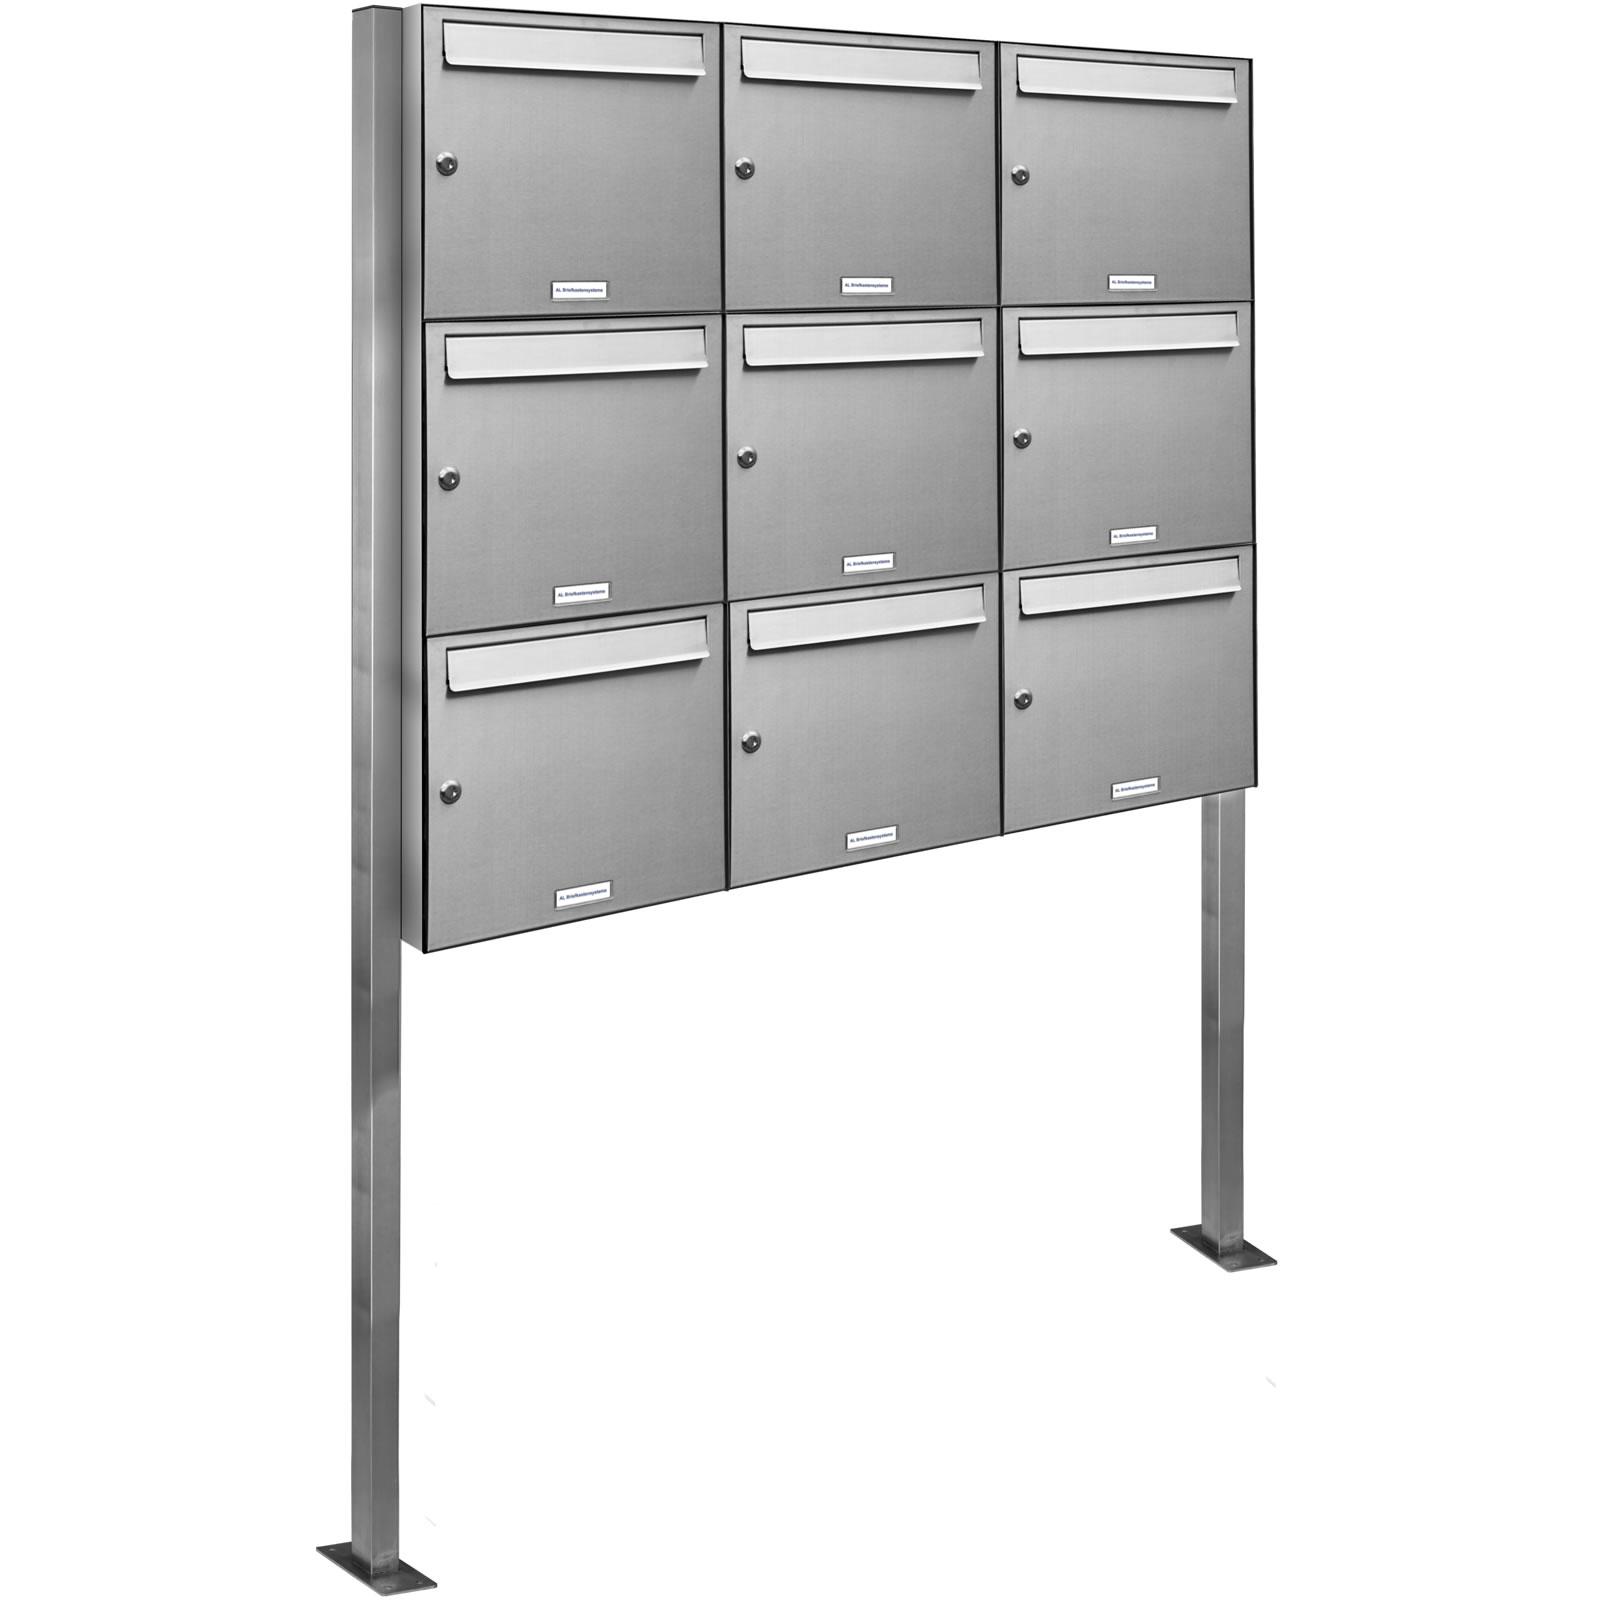 edelstahl briefkasten standbriefkasten briefkastenanlage post stehend ebay. Black Bedroom Furniture Sets. Home Design Ideas